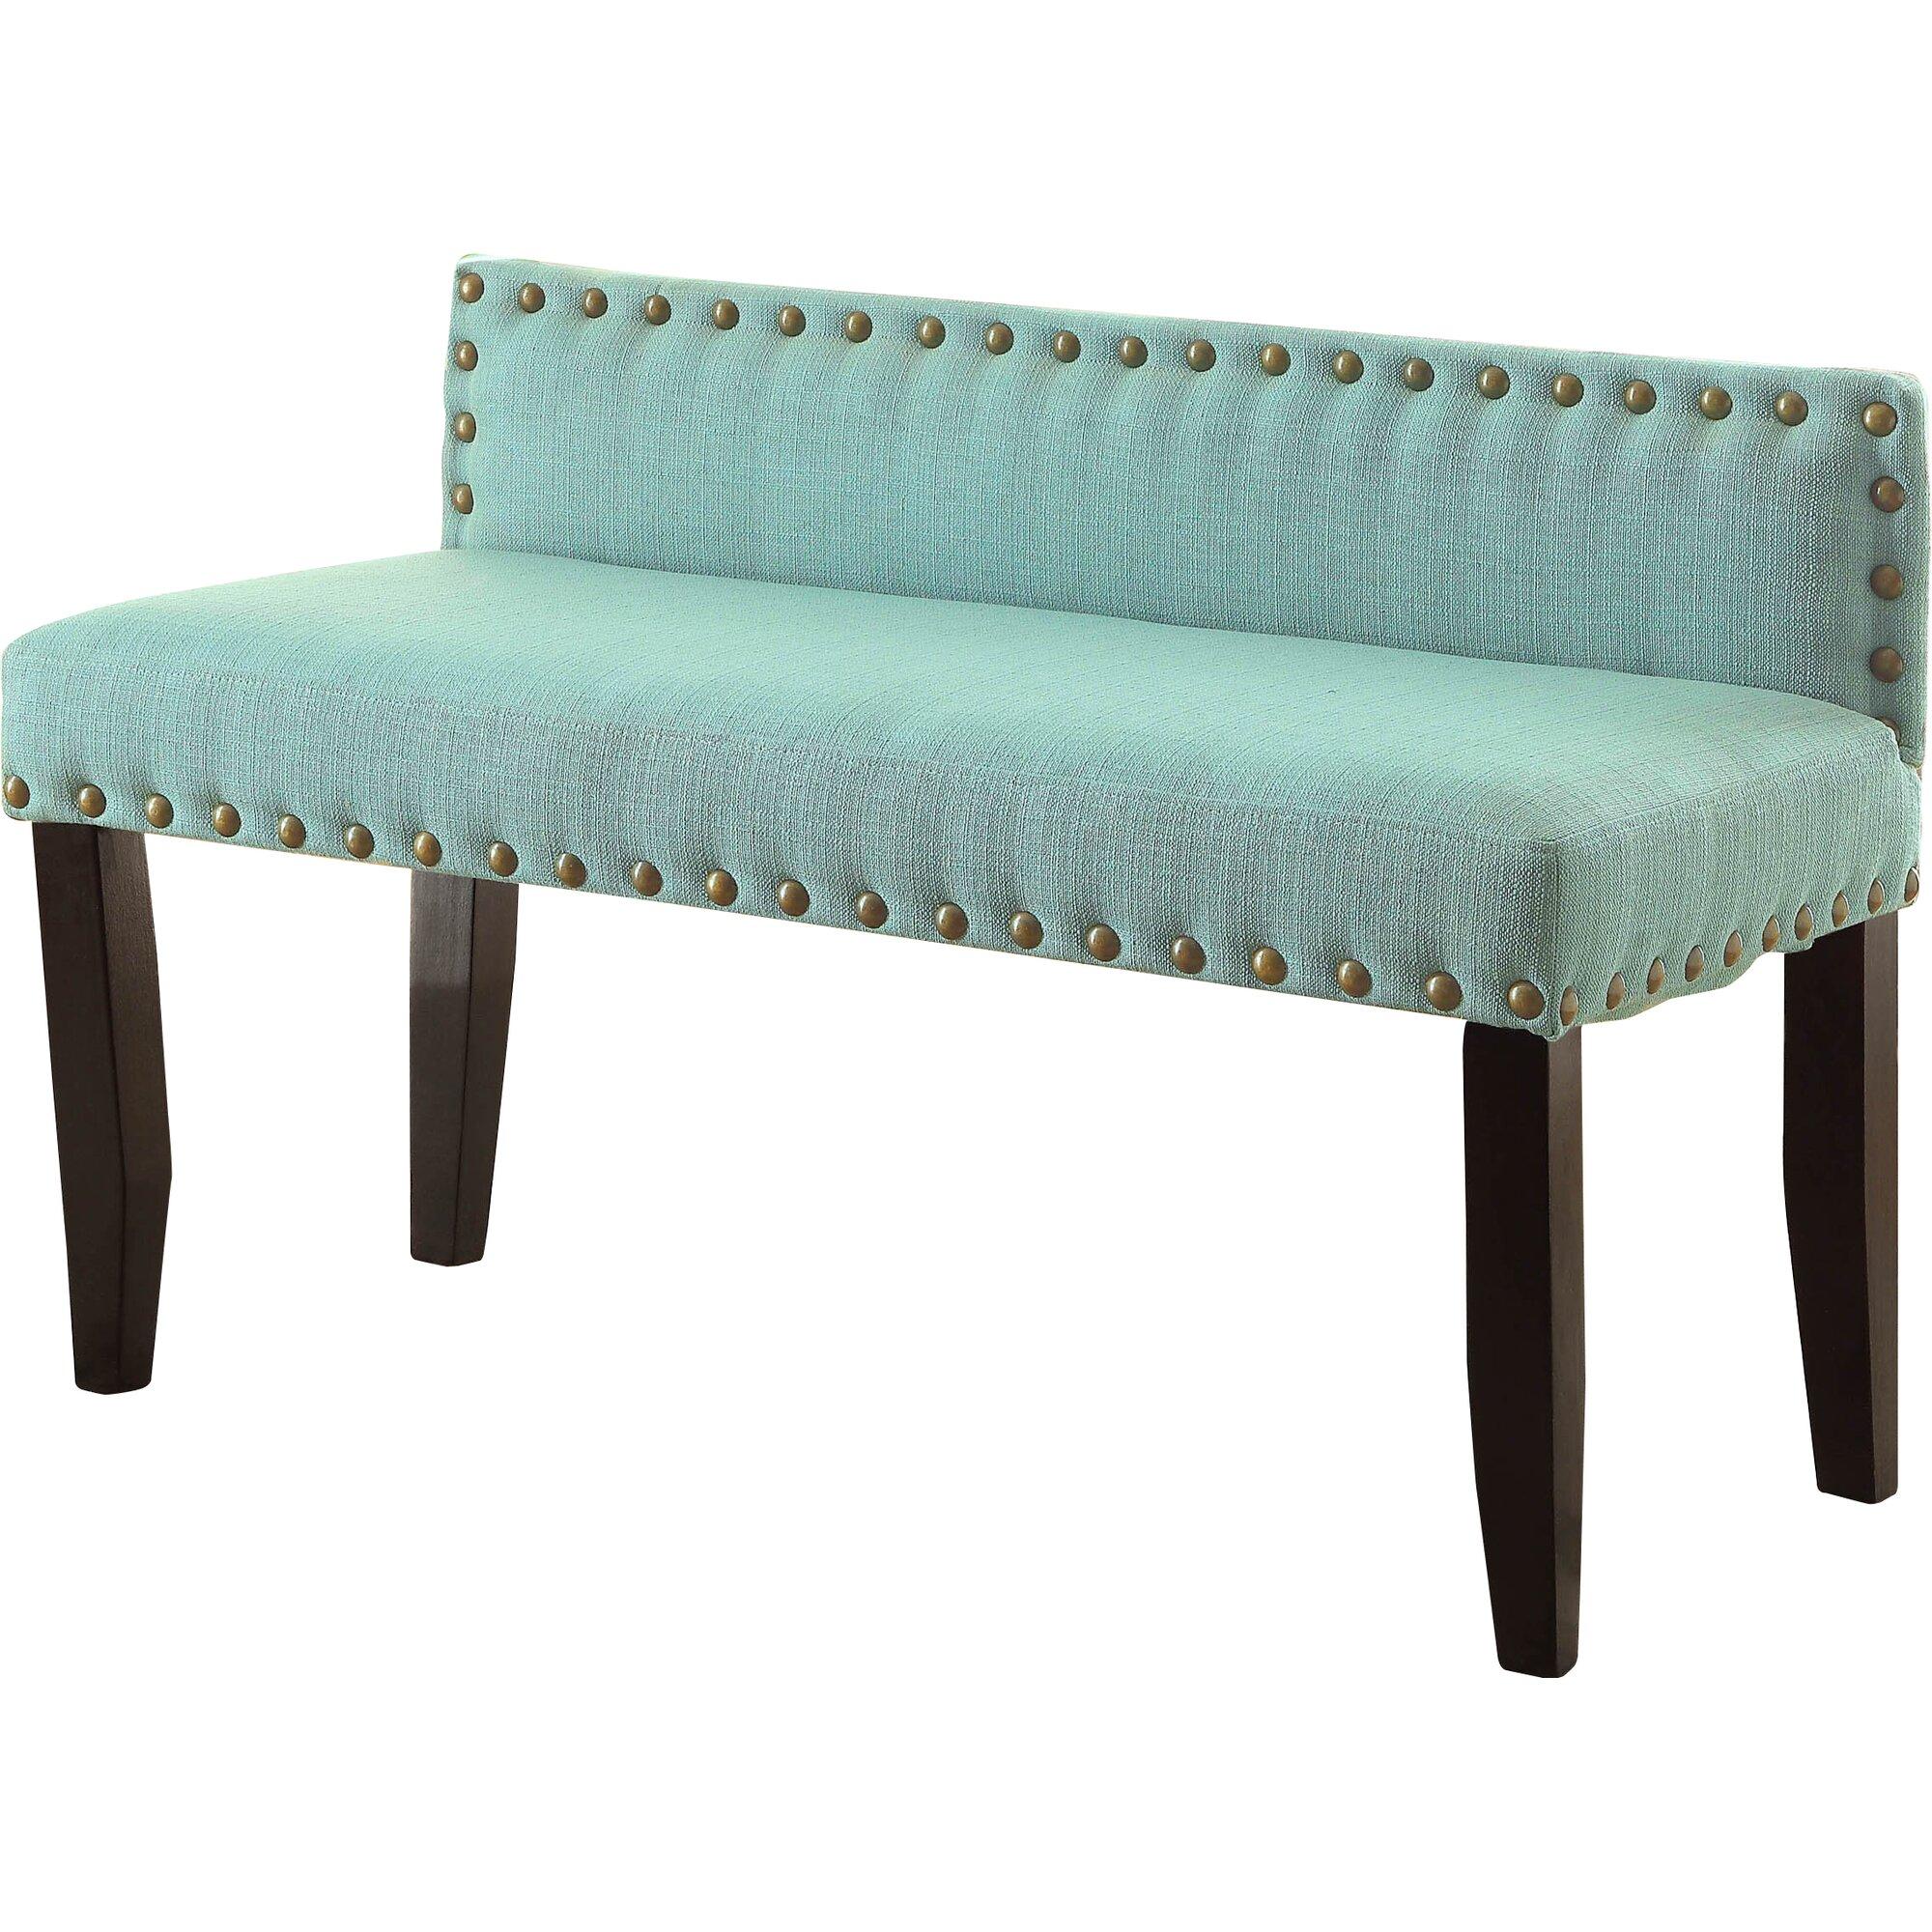 Alcott Hill Faiths Upholstered Bedroom Bench Reviews